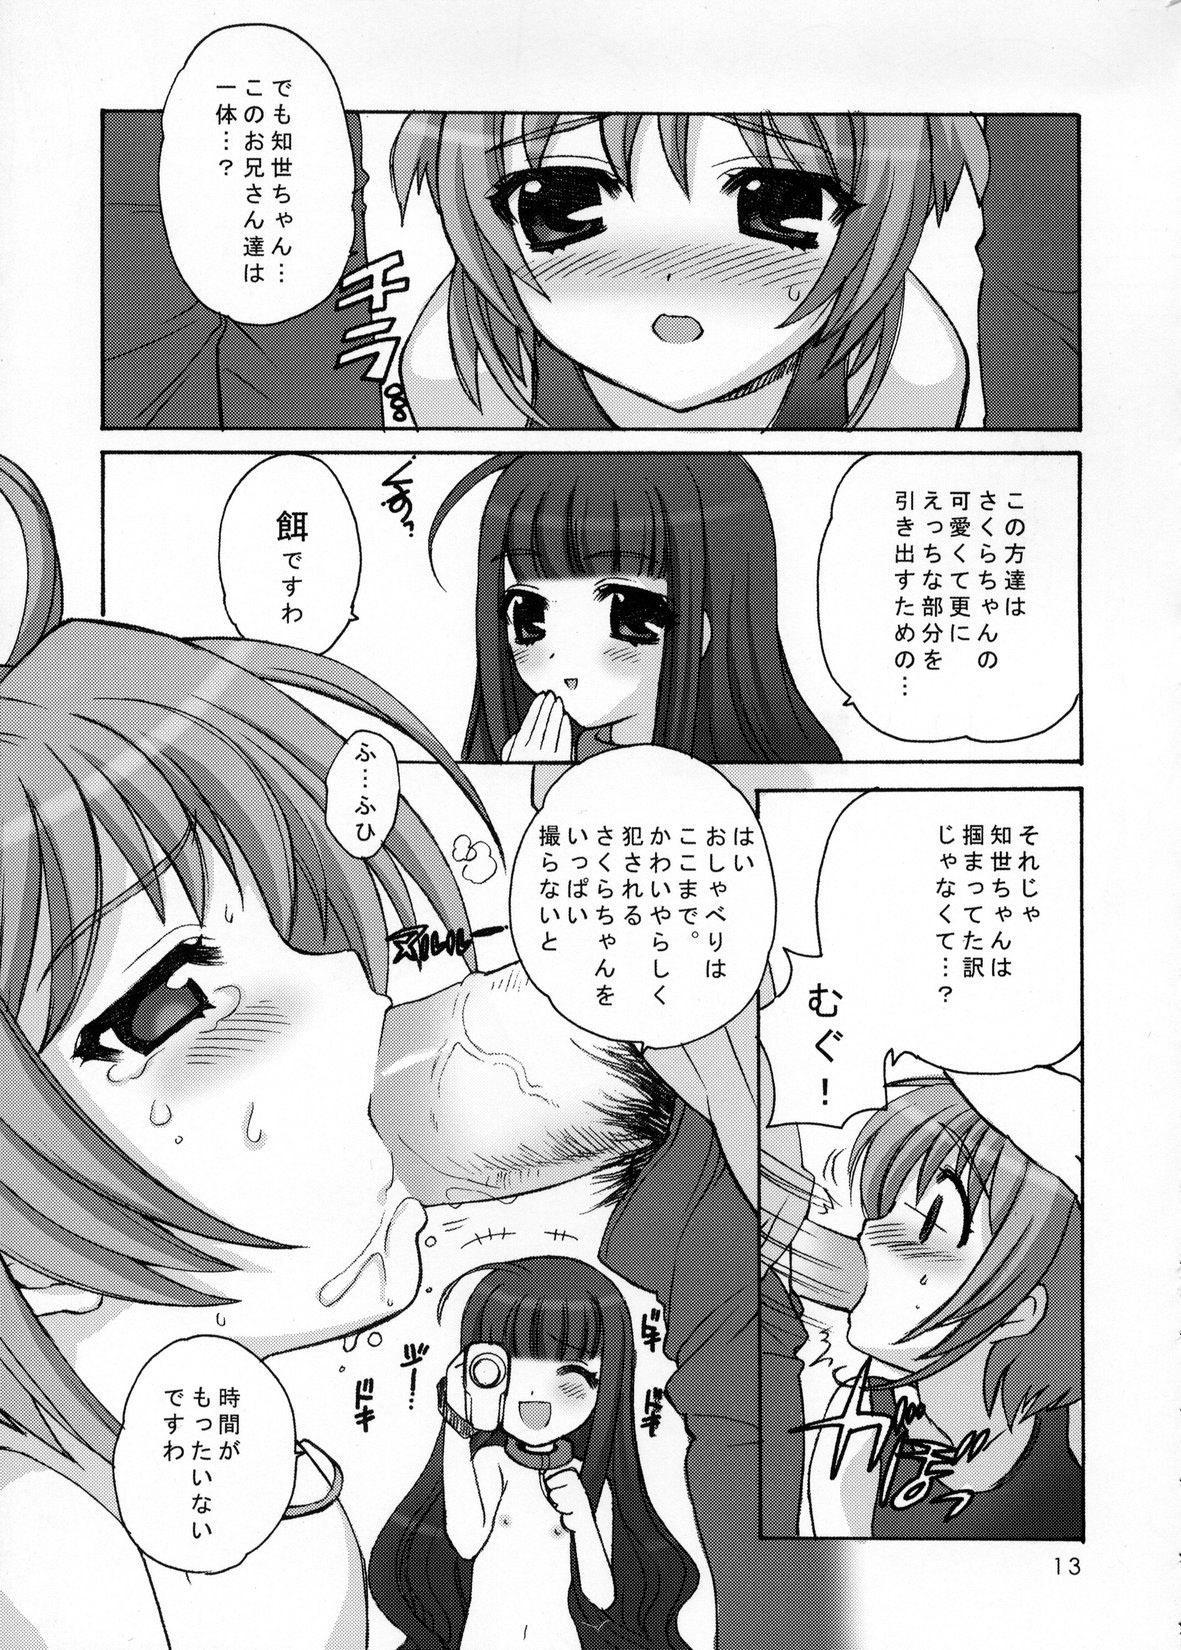 Sakura Maniac 2 11